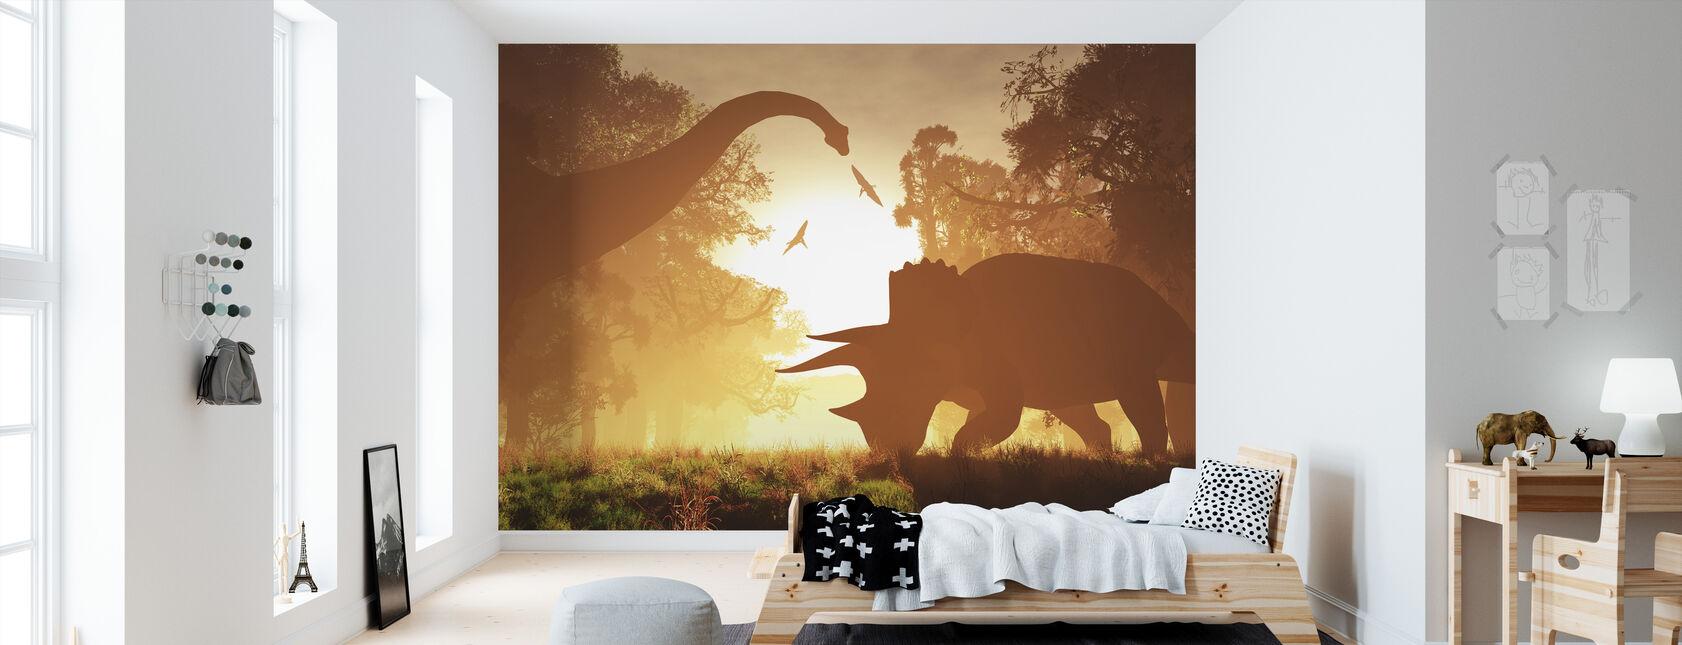 Dinosaurus ochtend - Behang - Kinderkamer